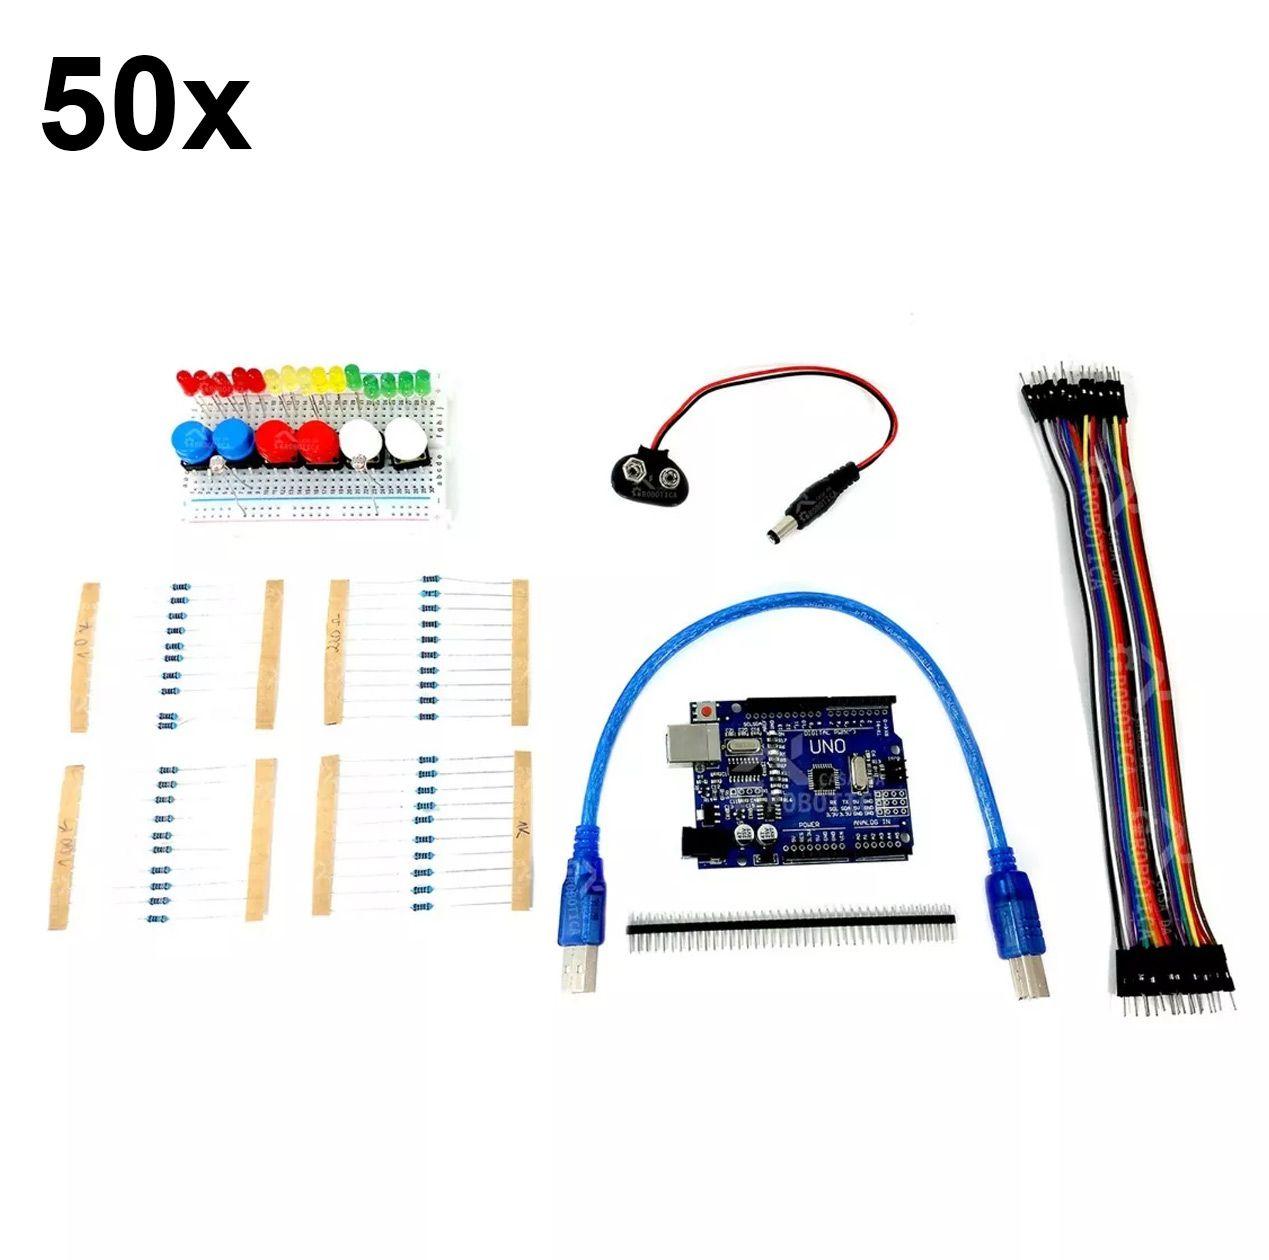 50x Kit Uno SMD R3 para Iniciantes em Arduino